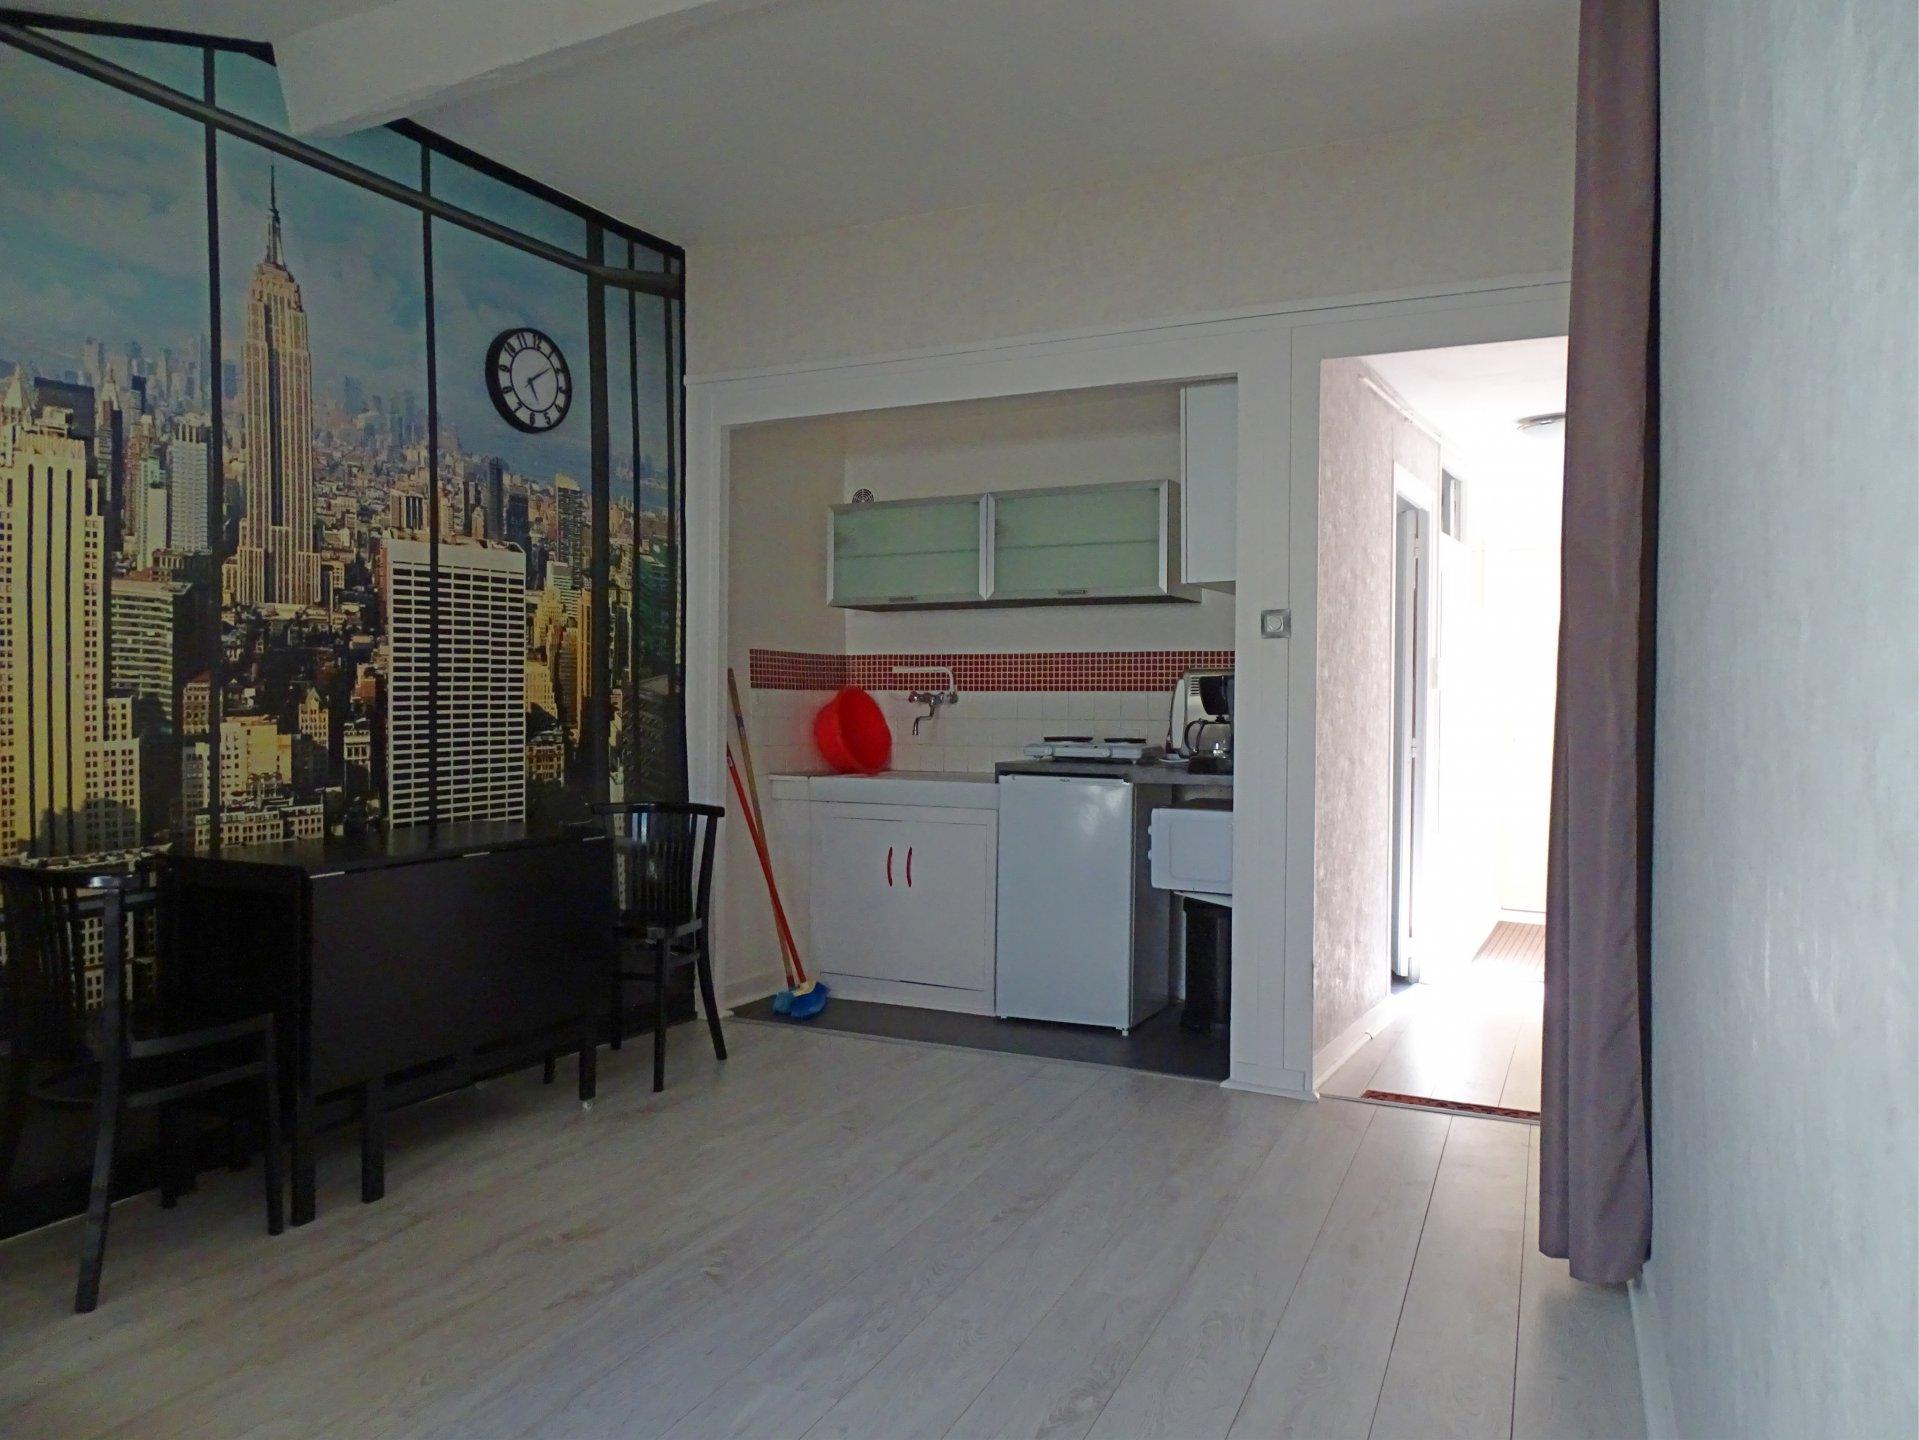 Mâcon - hyper centre - au 3ème étage d'une petite copropriété en pierre, venez découvrir cet appartement entièrement rénové offrant une surface carrez de 46 m². Ce bien est doté d'une pièce de vie avec coin kitchenette, une salle de bains avec toilette, deux chambres, et dressing. Appartement en parfait état, faibles charges de copropriété ( 26 euros/mois), appartement actuellement loué en meublé 350 euros + 5 euros de charges. Honoraires à la charge du vendeur.